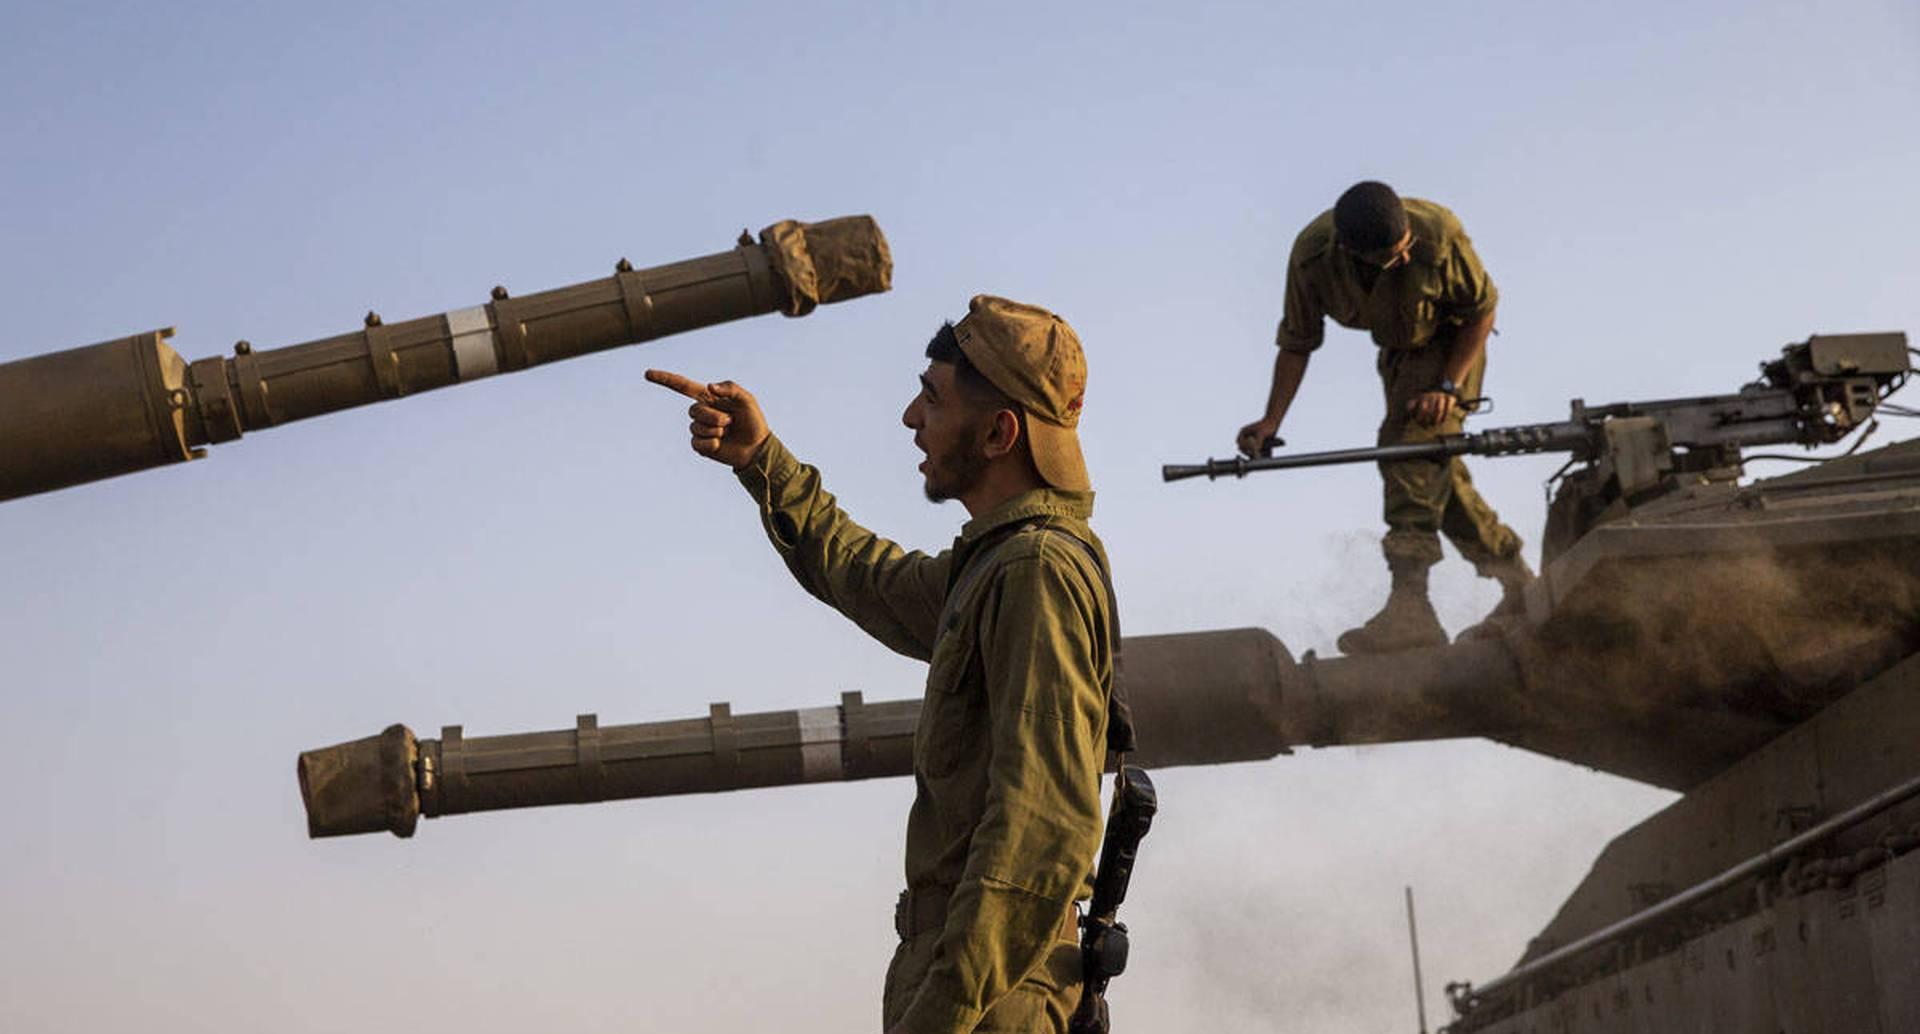 """Soldados israelíes, en plena tarea junto a sus tanques en los Altos del Golán, cerca de la frontera con Siria y no muy lejos de la frontera con Líbano. Foto del 28 de julio. El primer ministro del Líbano acusó a Israel de provocar una """"escalada peligrosa"""" a lo largo de la frontera en un intento de modificar el mandato de la fuerza de paz de la ONU en el sur del Líbano. Foto: Ariel Schalit / AP"""